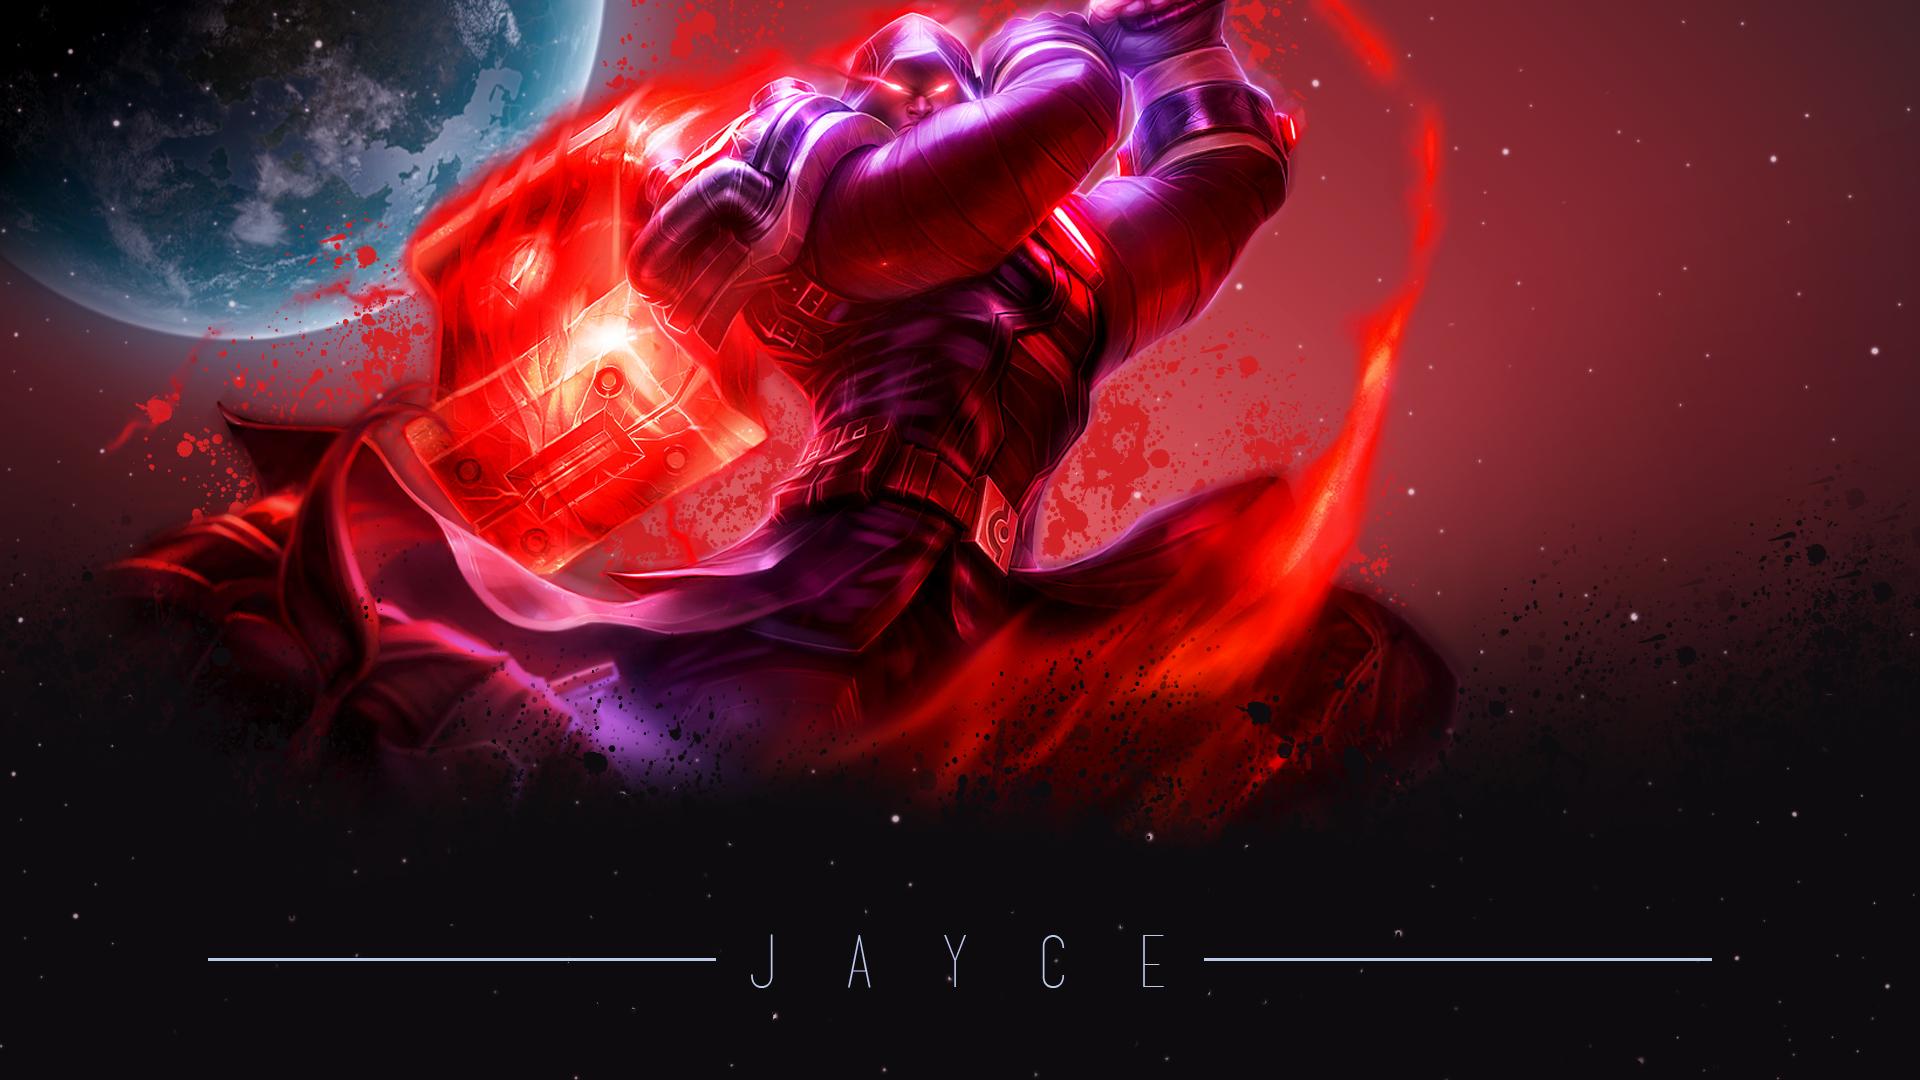 Forsaken Jayce wallpaper